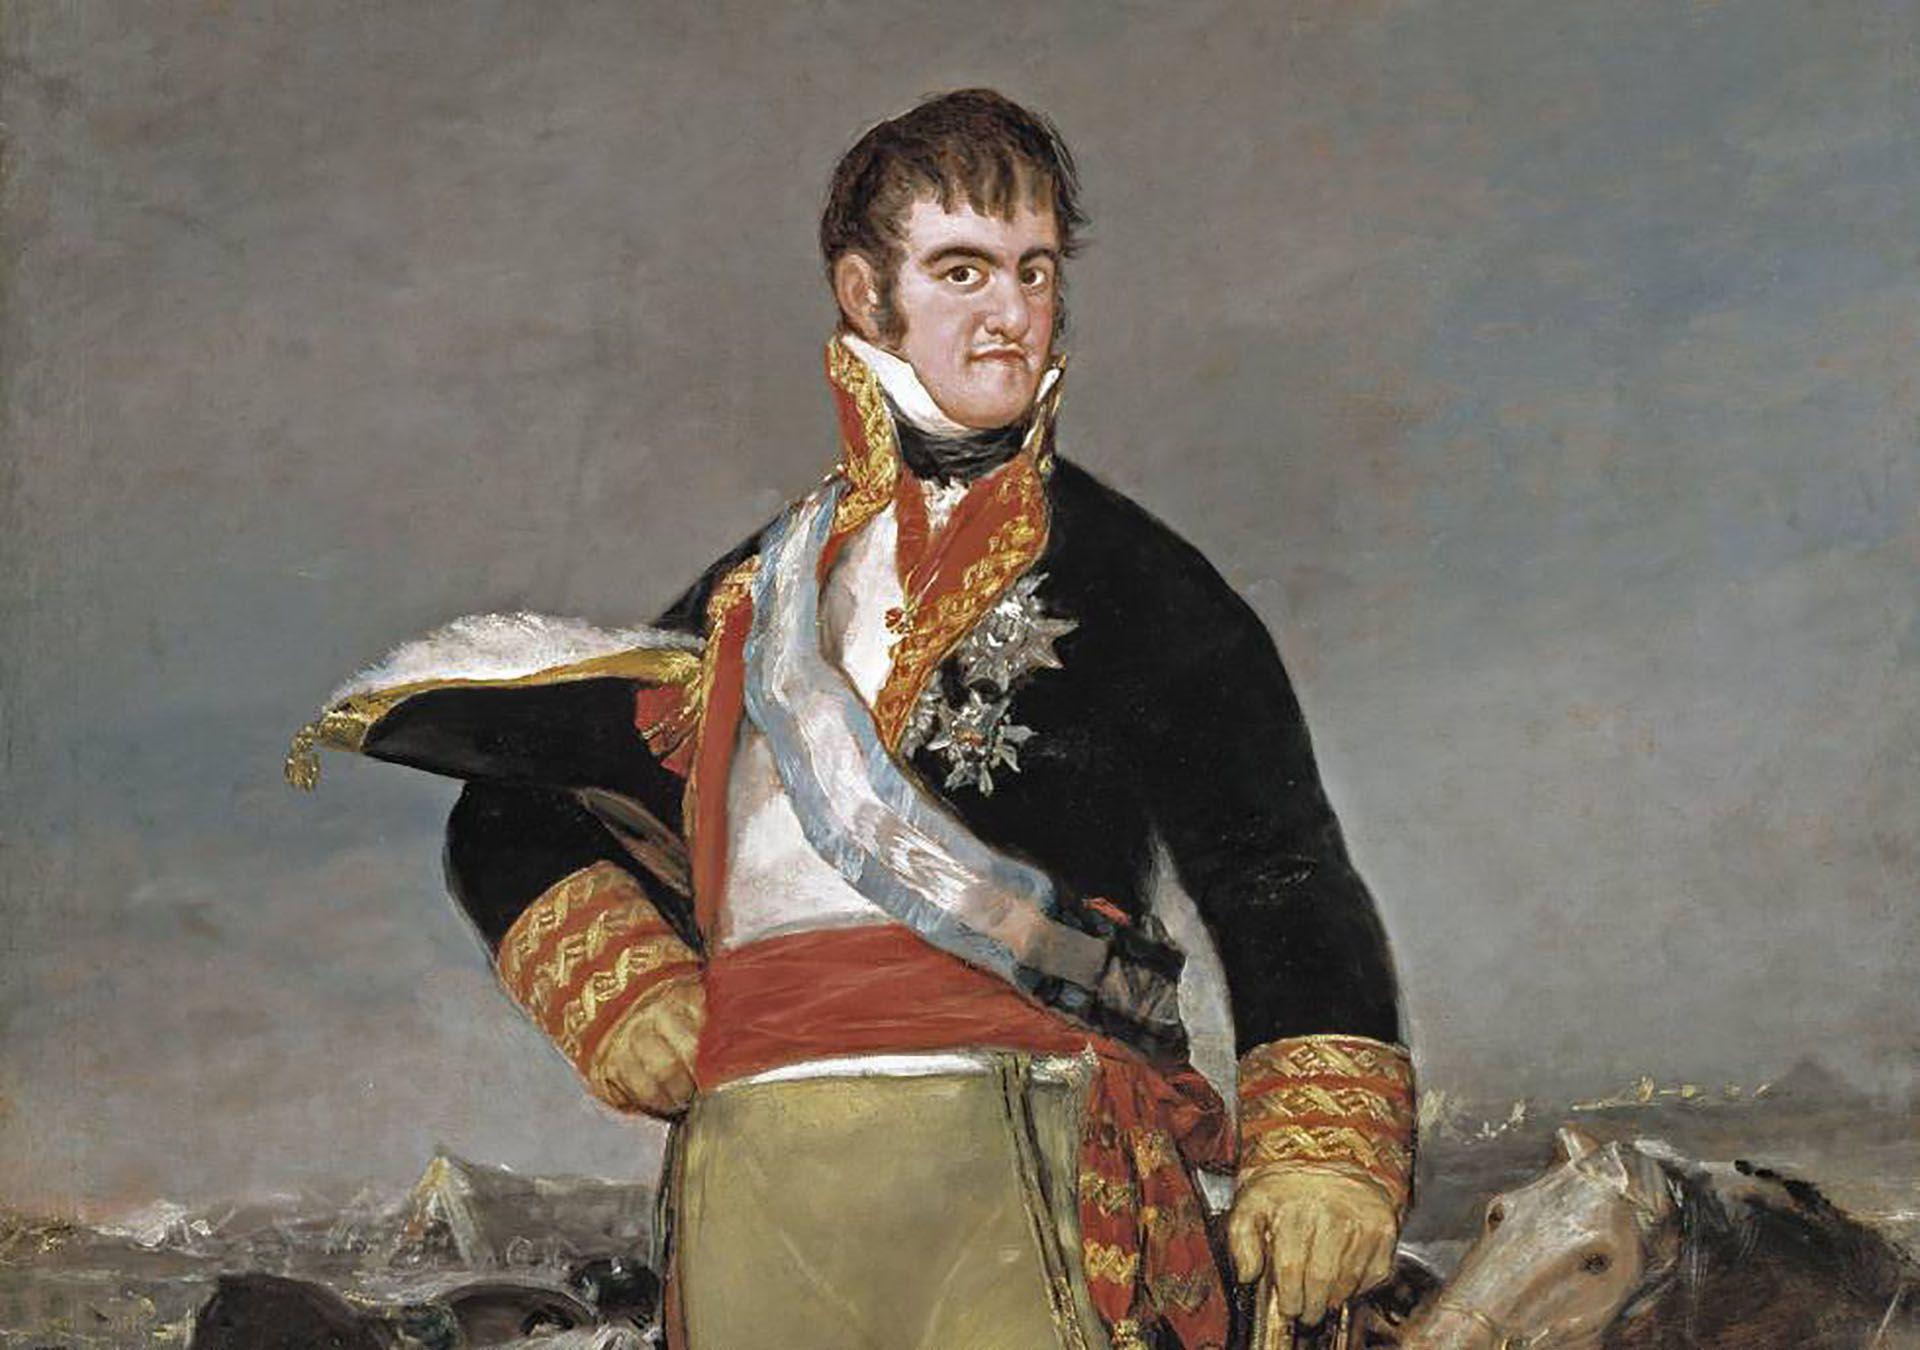 'Fernando VII en un campamento', cuadro de Francisco de Goya. Colección del Museo del Prado, de Madrid (España).